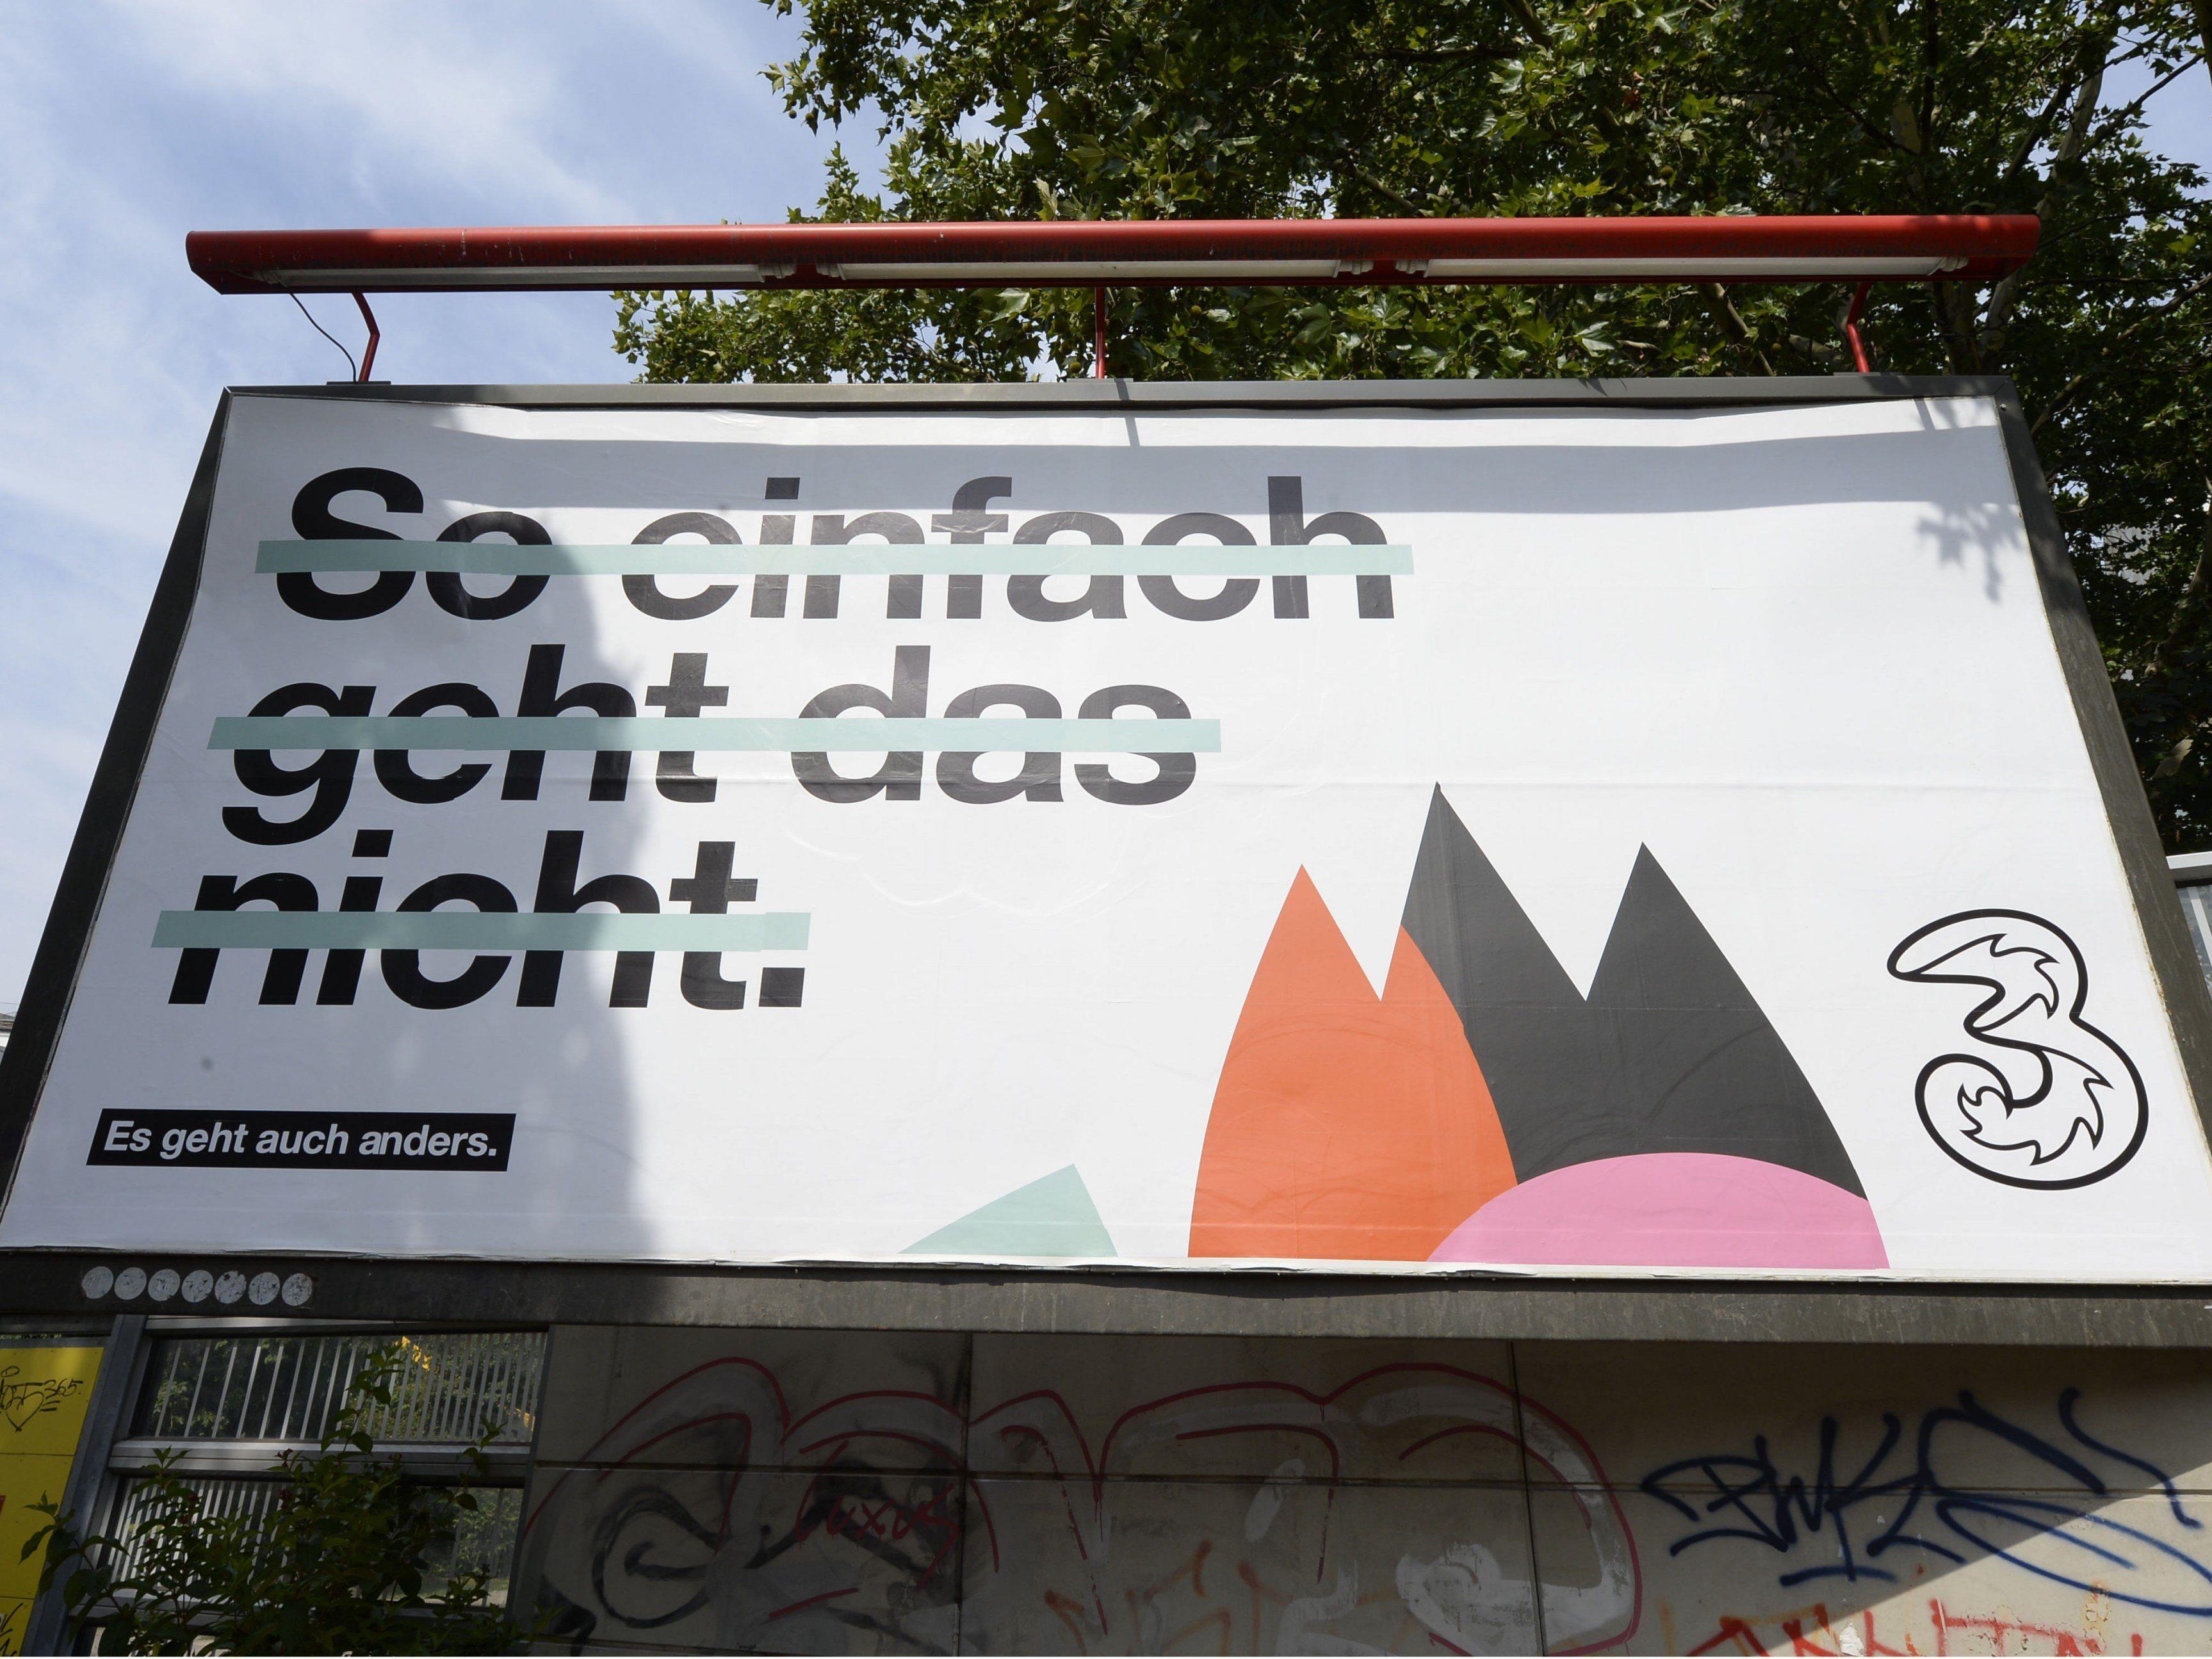 Das dachte sich auch T-Mobile und bekam vor dem EuGH recht.